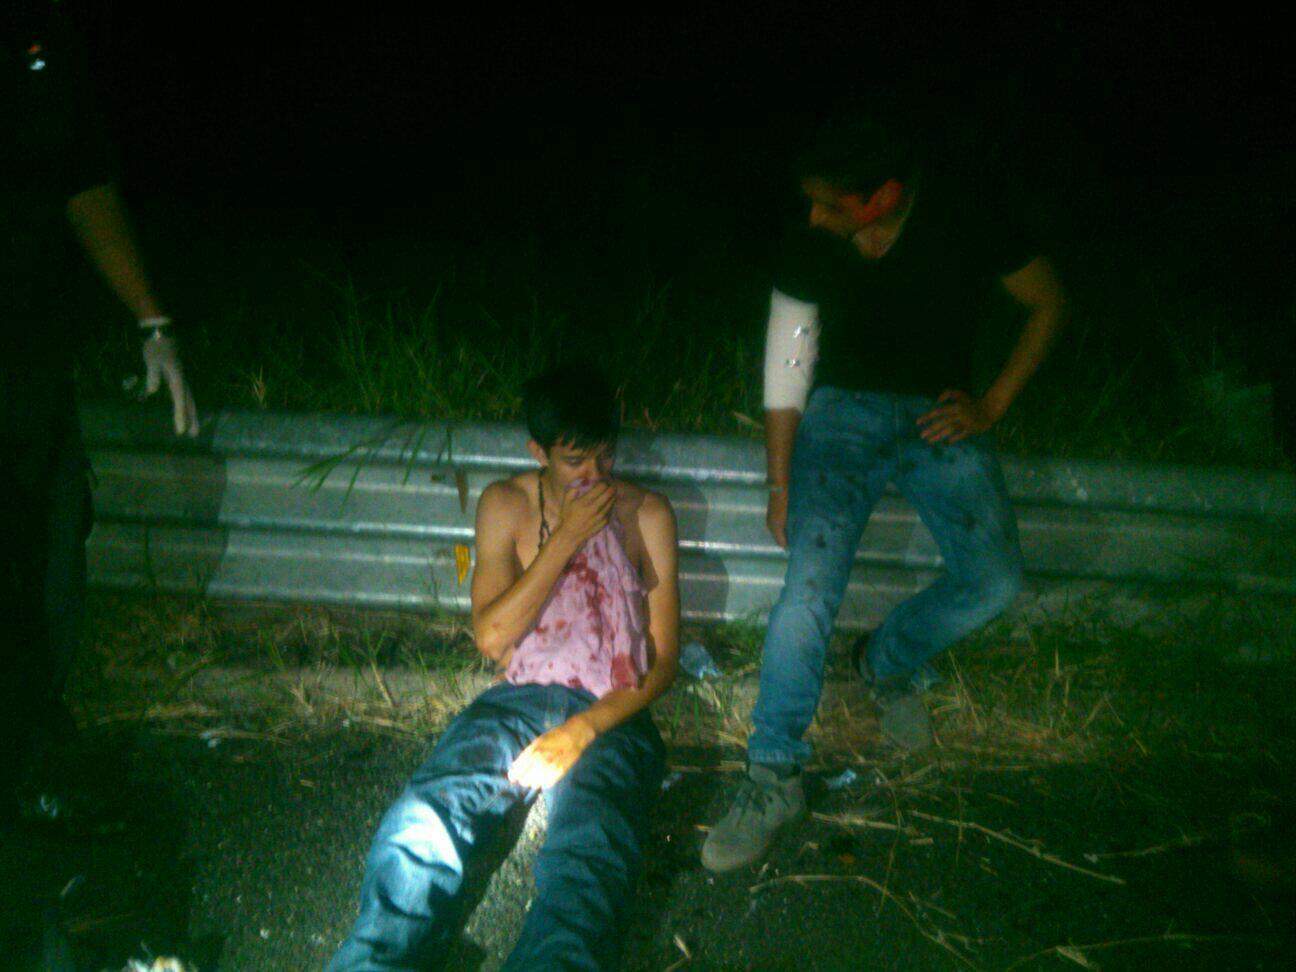 Dos lesionados en accidente en la carretera xalapa for Universidades en xalapa